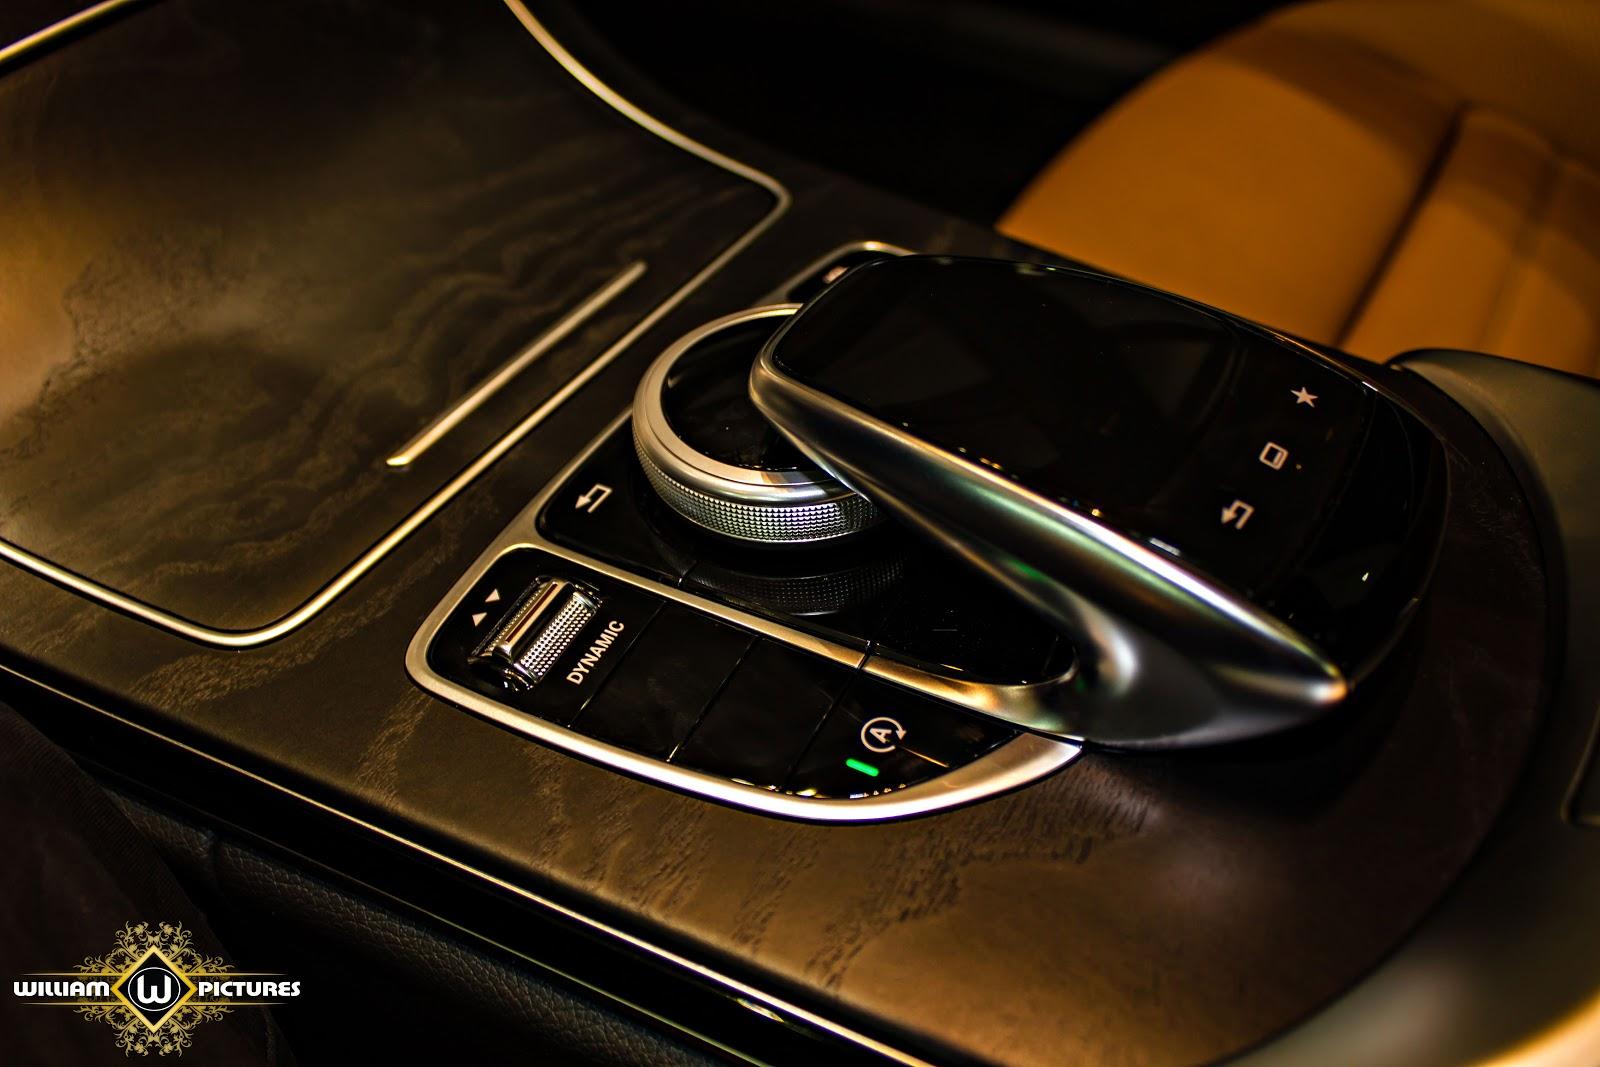 Lái xe có thể điều khiển, thay đổi chế độ lái...khi chạm và xoay